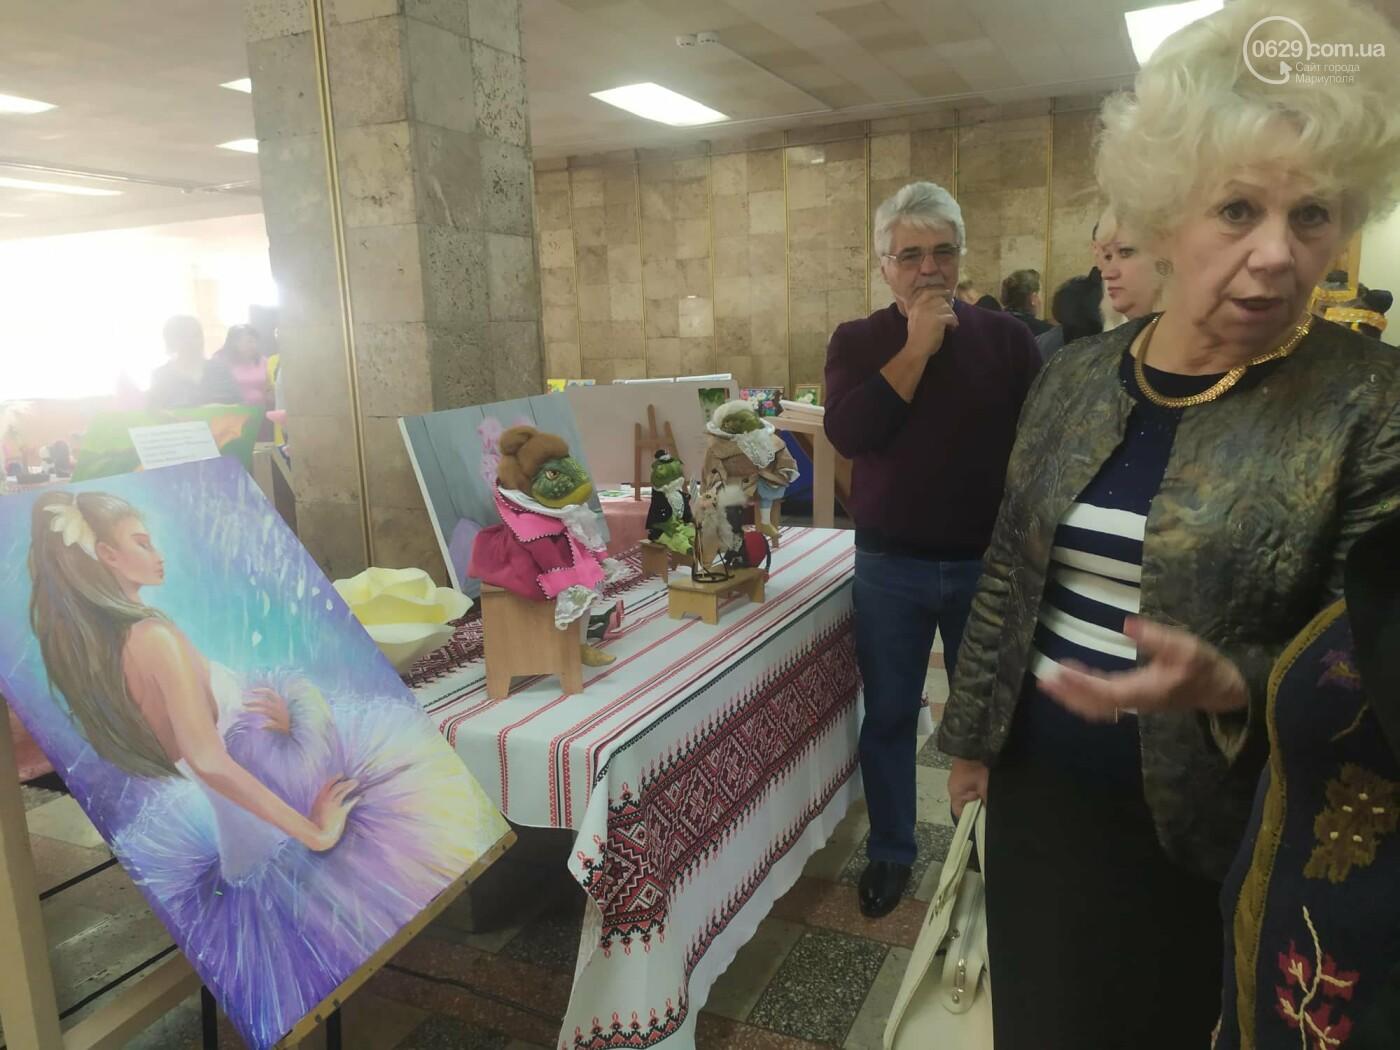 Праздник образования в Мариуполе: денежные подарки, награда родителям и памятник учителю, фото-20